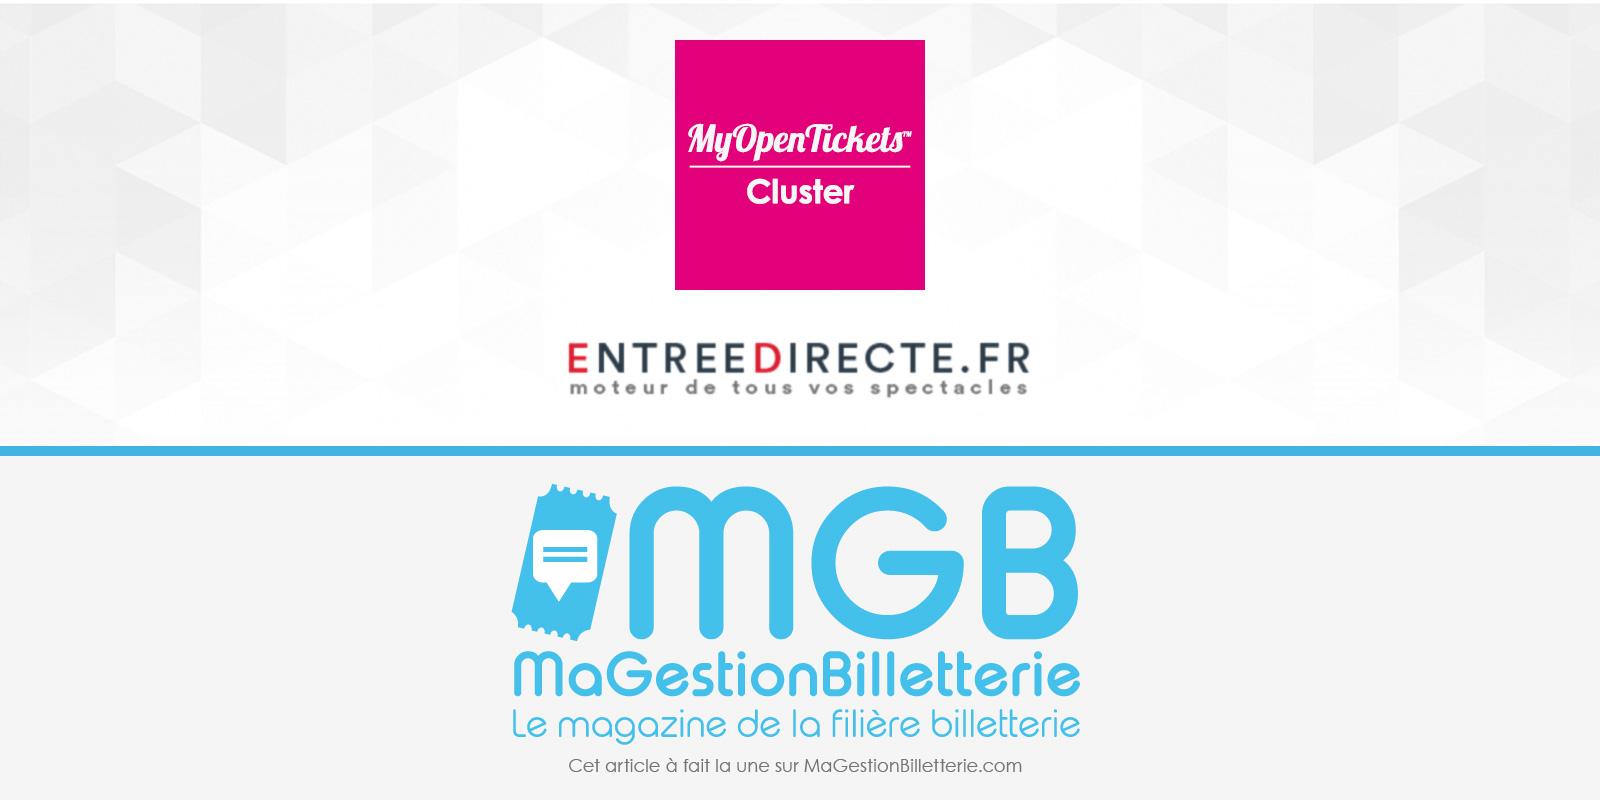 myopentickets-cluster-entreedirecte-une6